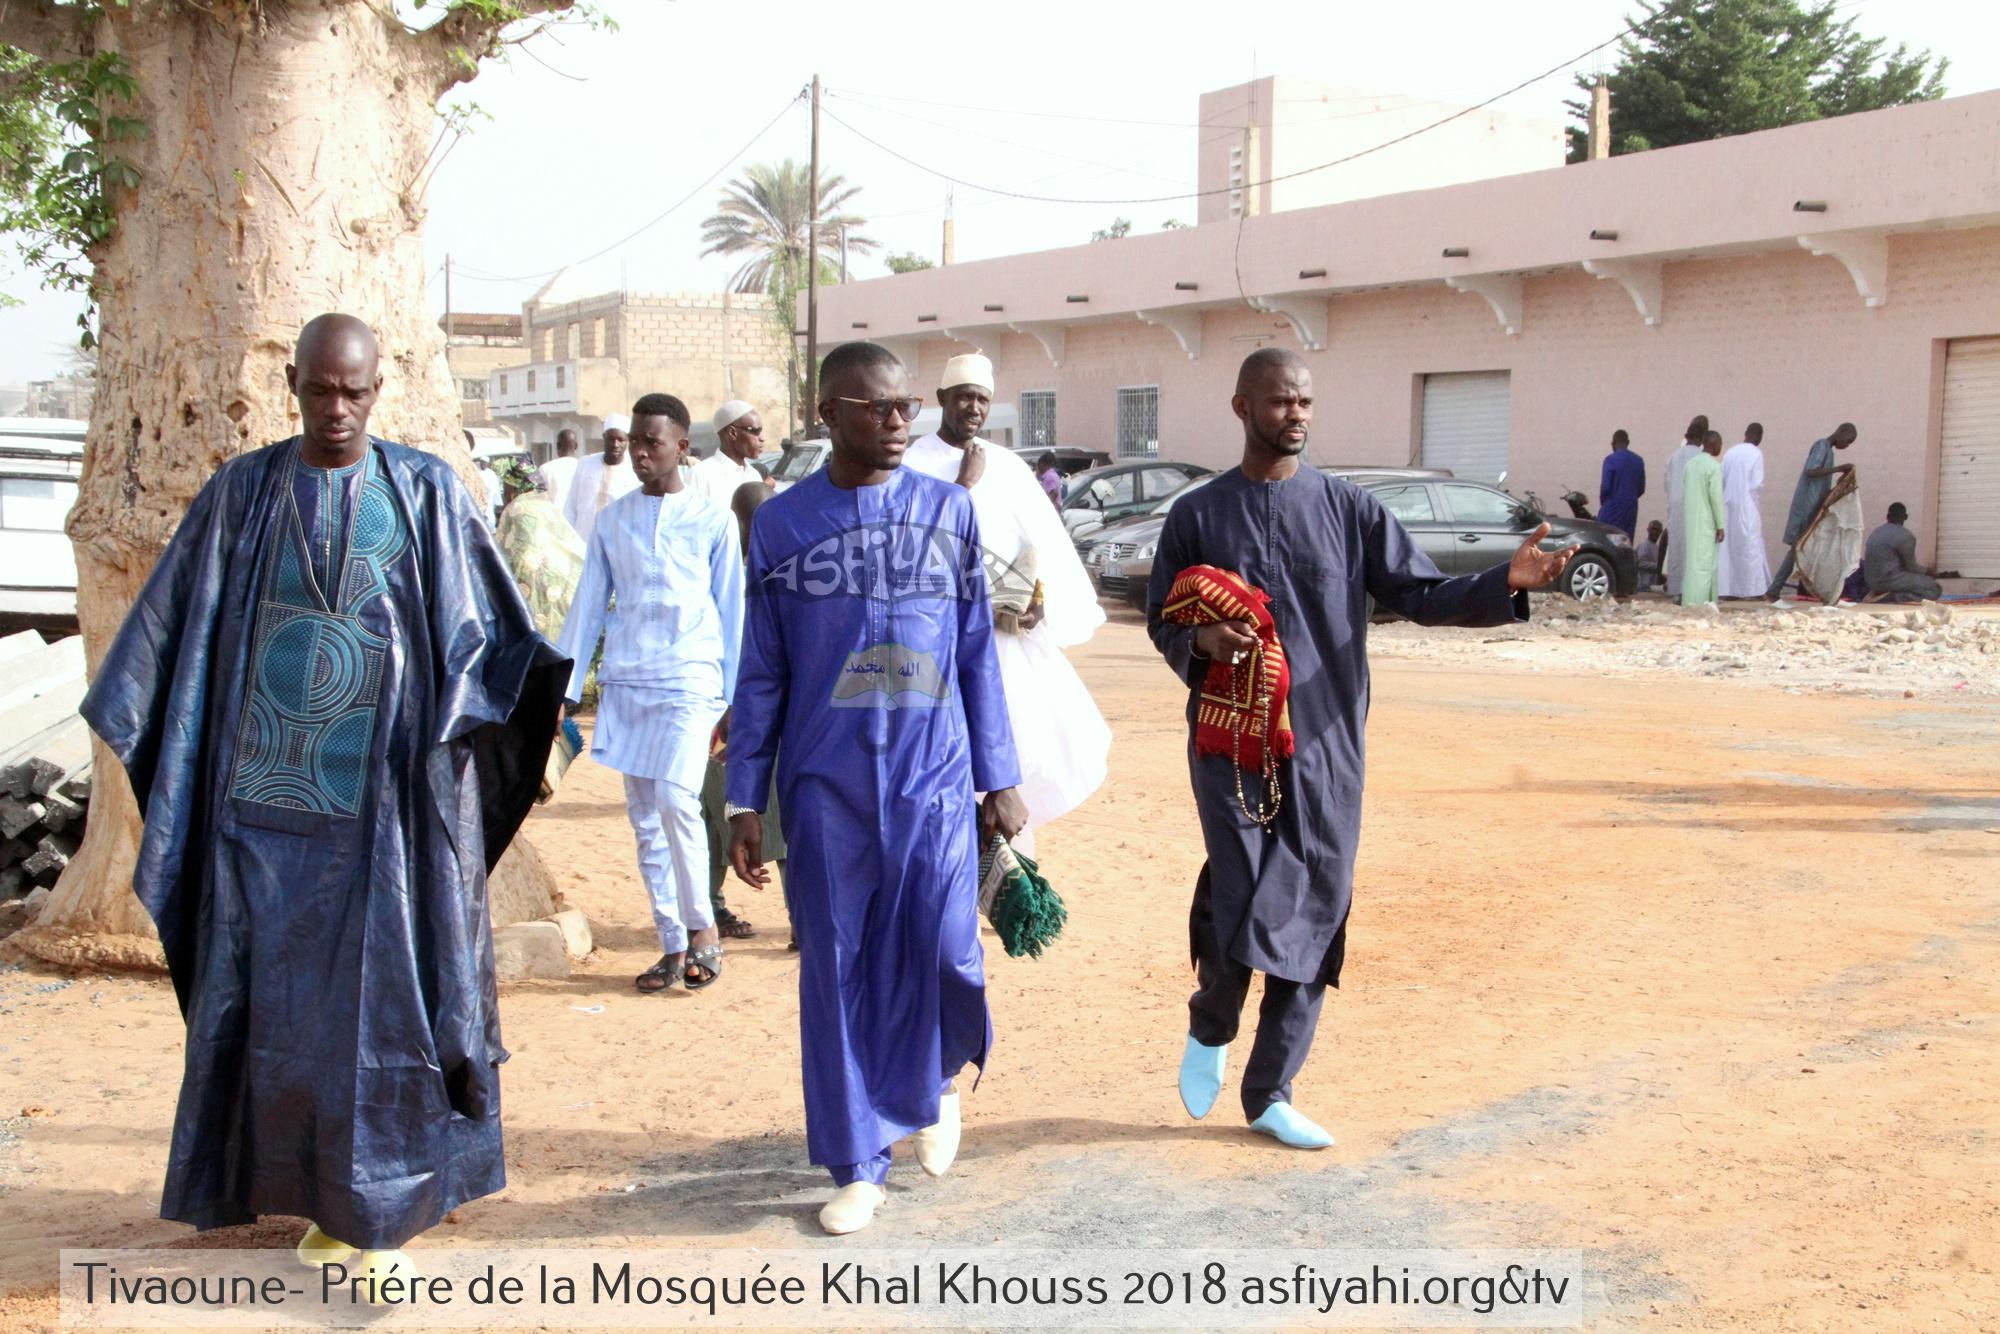 PHOTOS - KORITÉ 2018 À TIVAOUANE - Les Images de la Prière à Kheul-Khouss